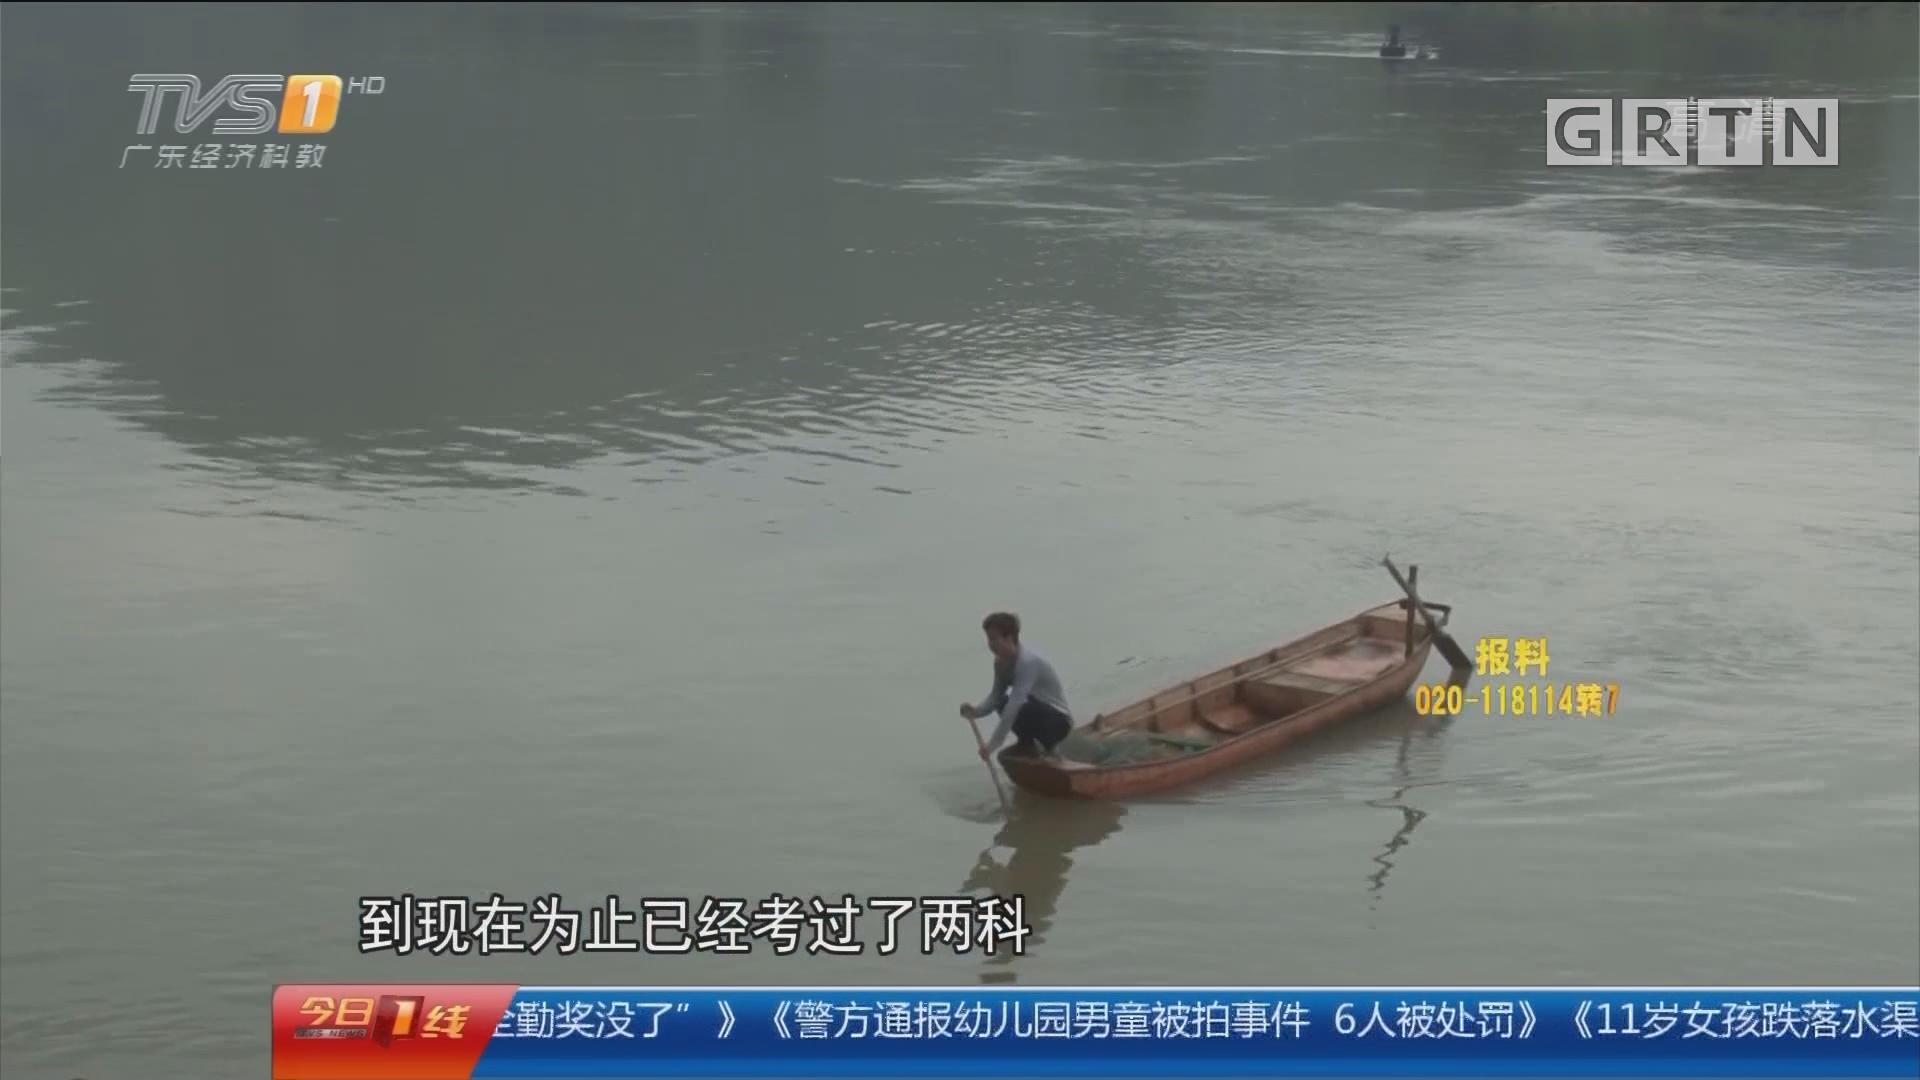 清远阳山:渡船被喊停一年 学生撑小艇过江上学